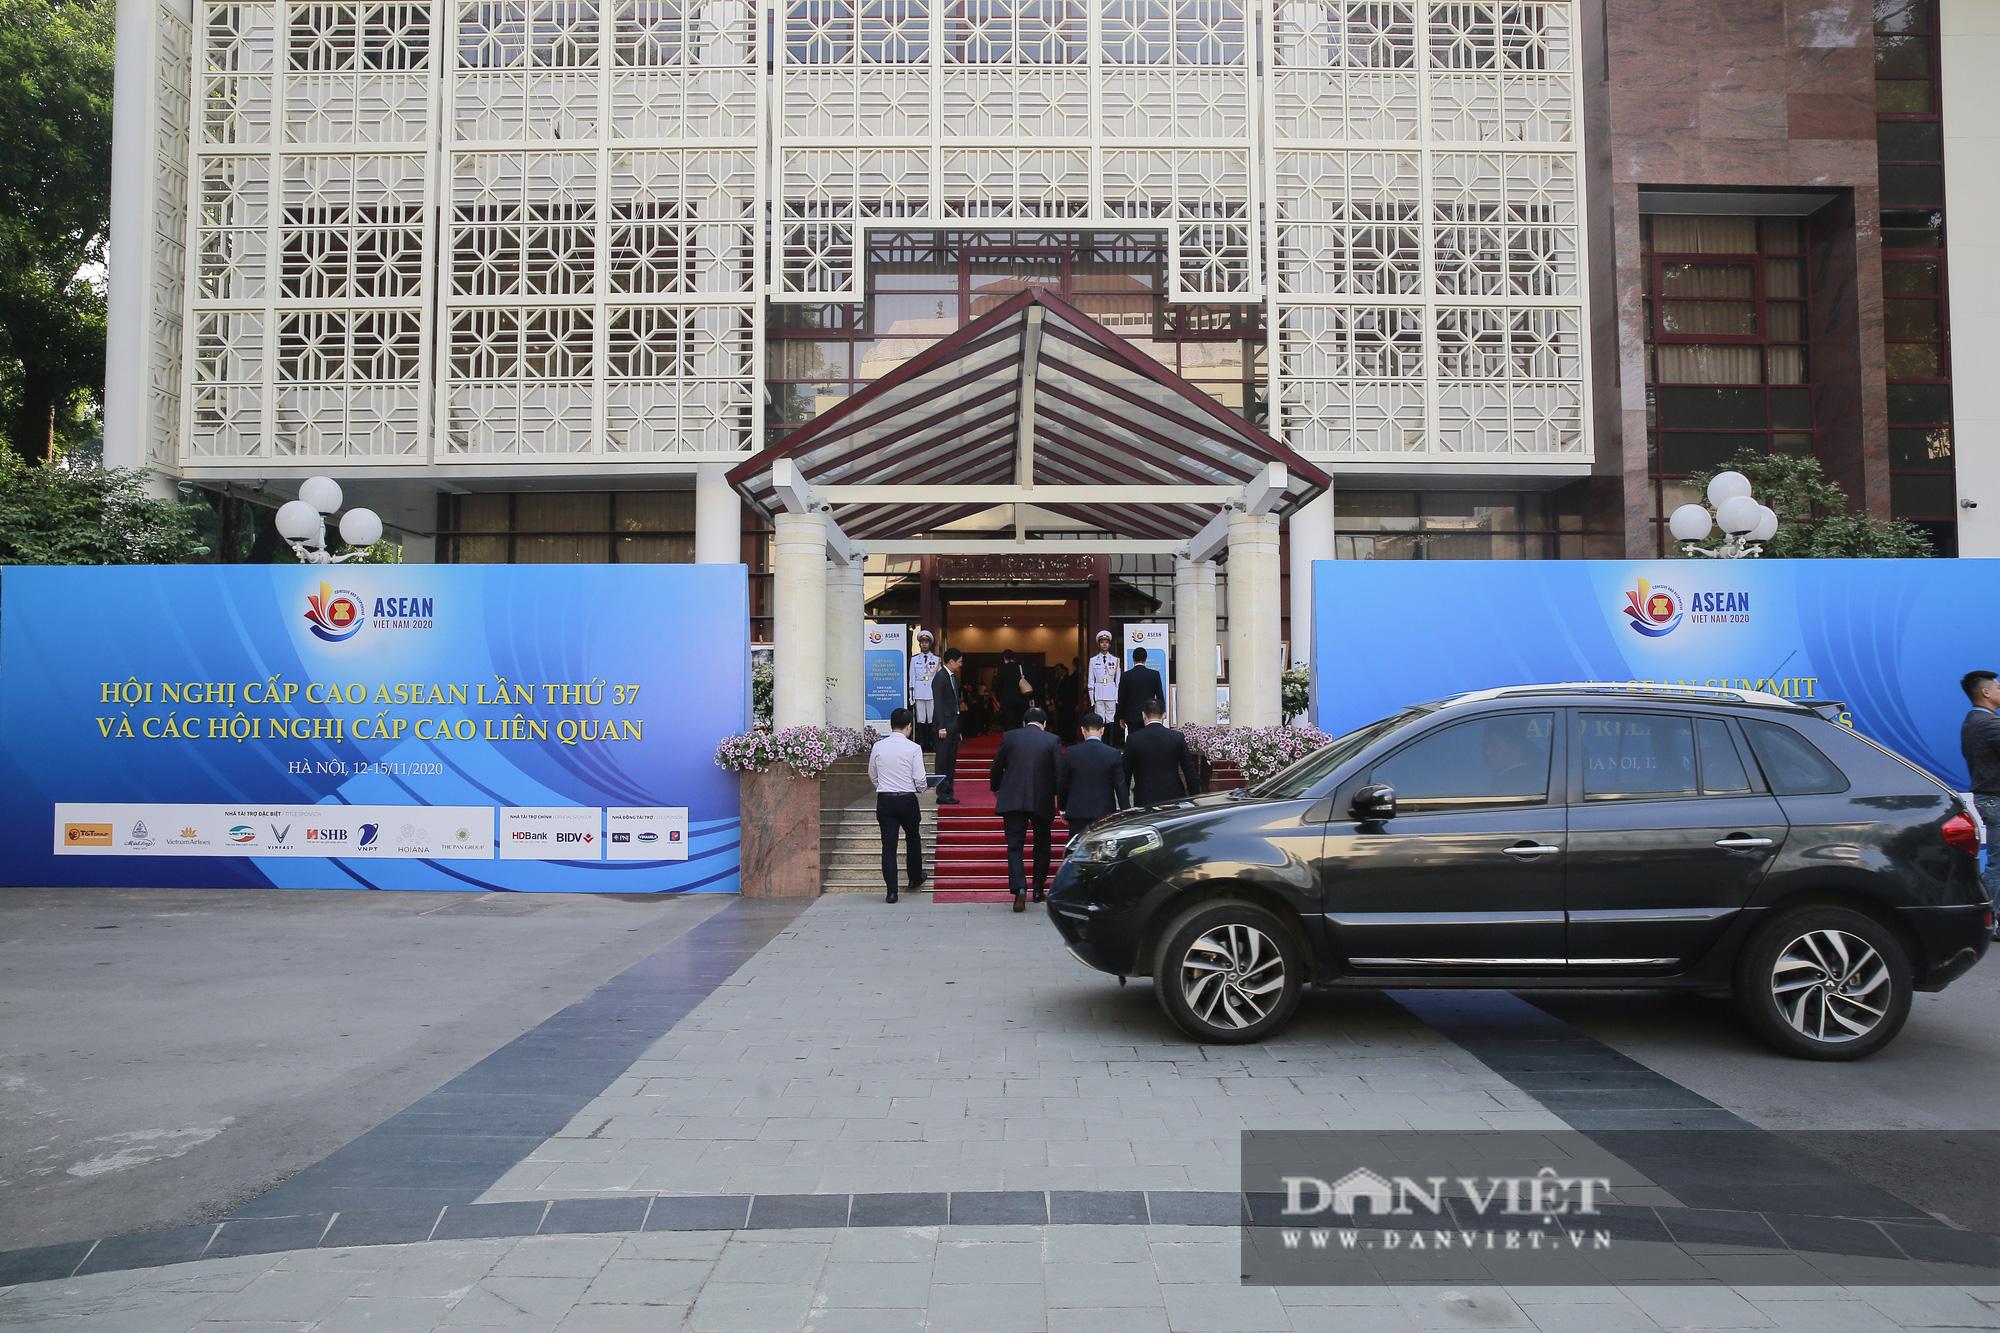 Toàn cảnh Khai mạc Hội nghị Cấp cao ASEAN lần thứ 37 - Ảnh 1.